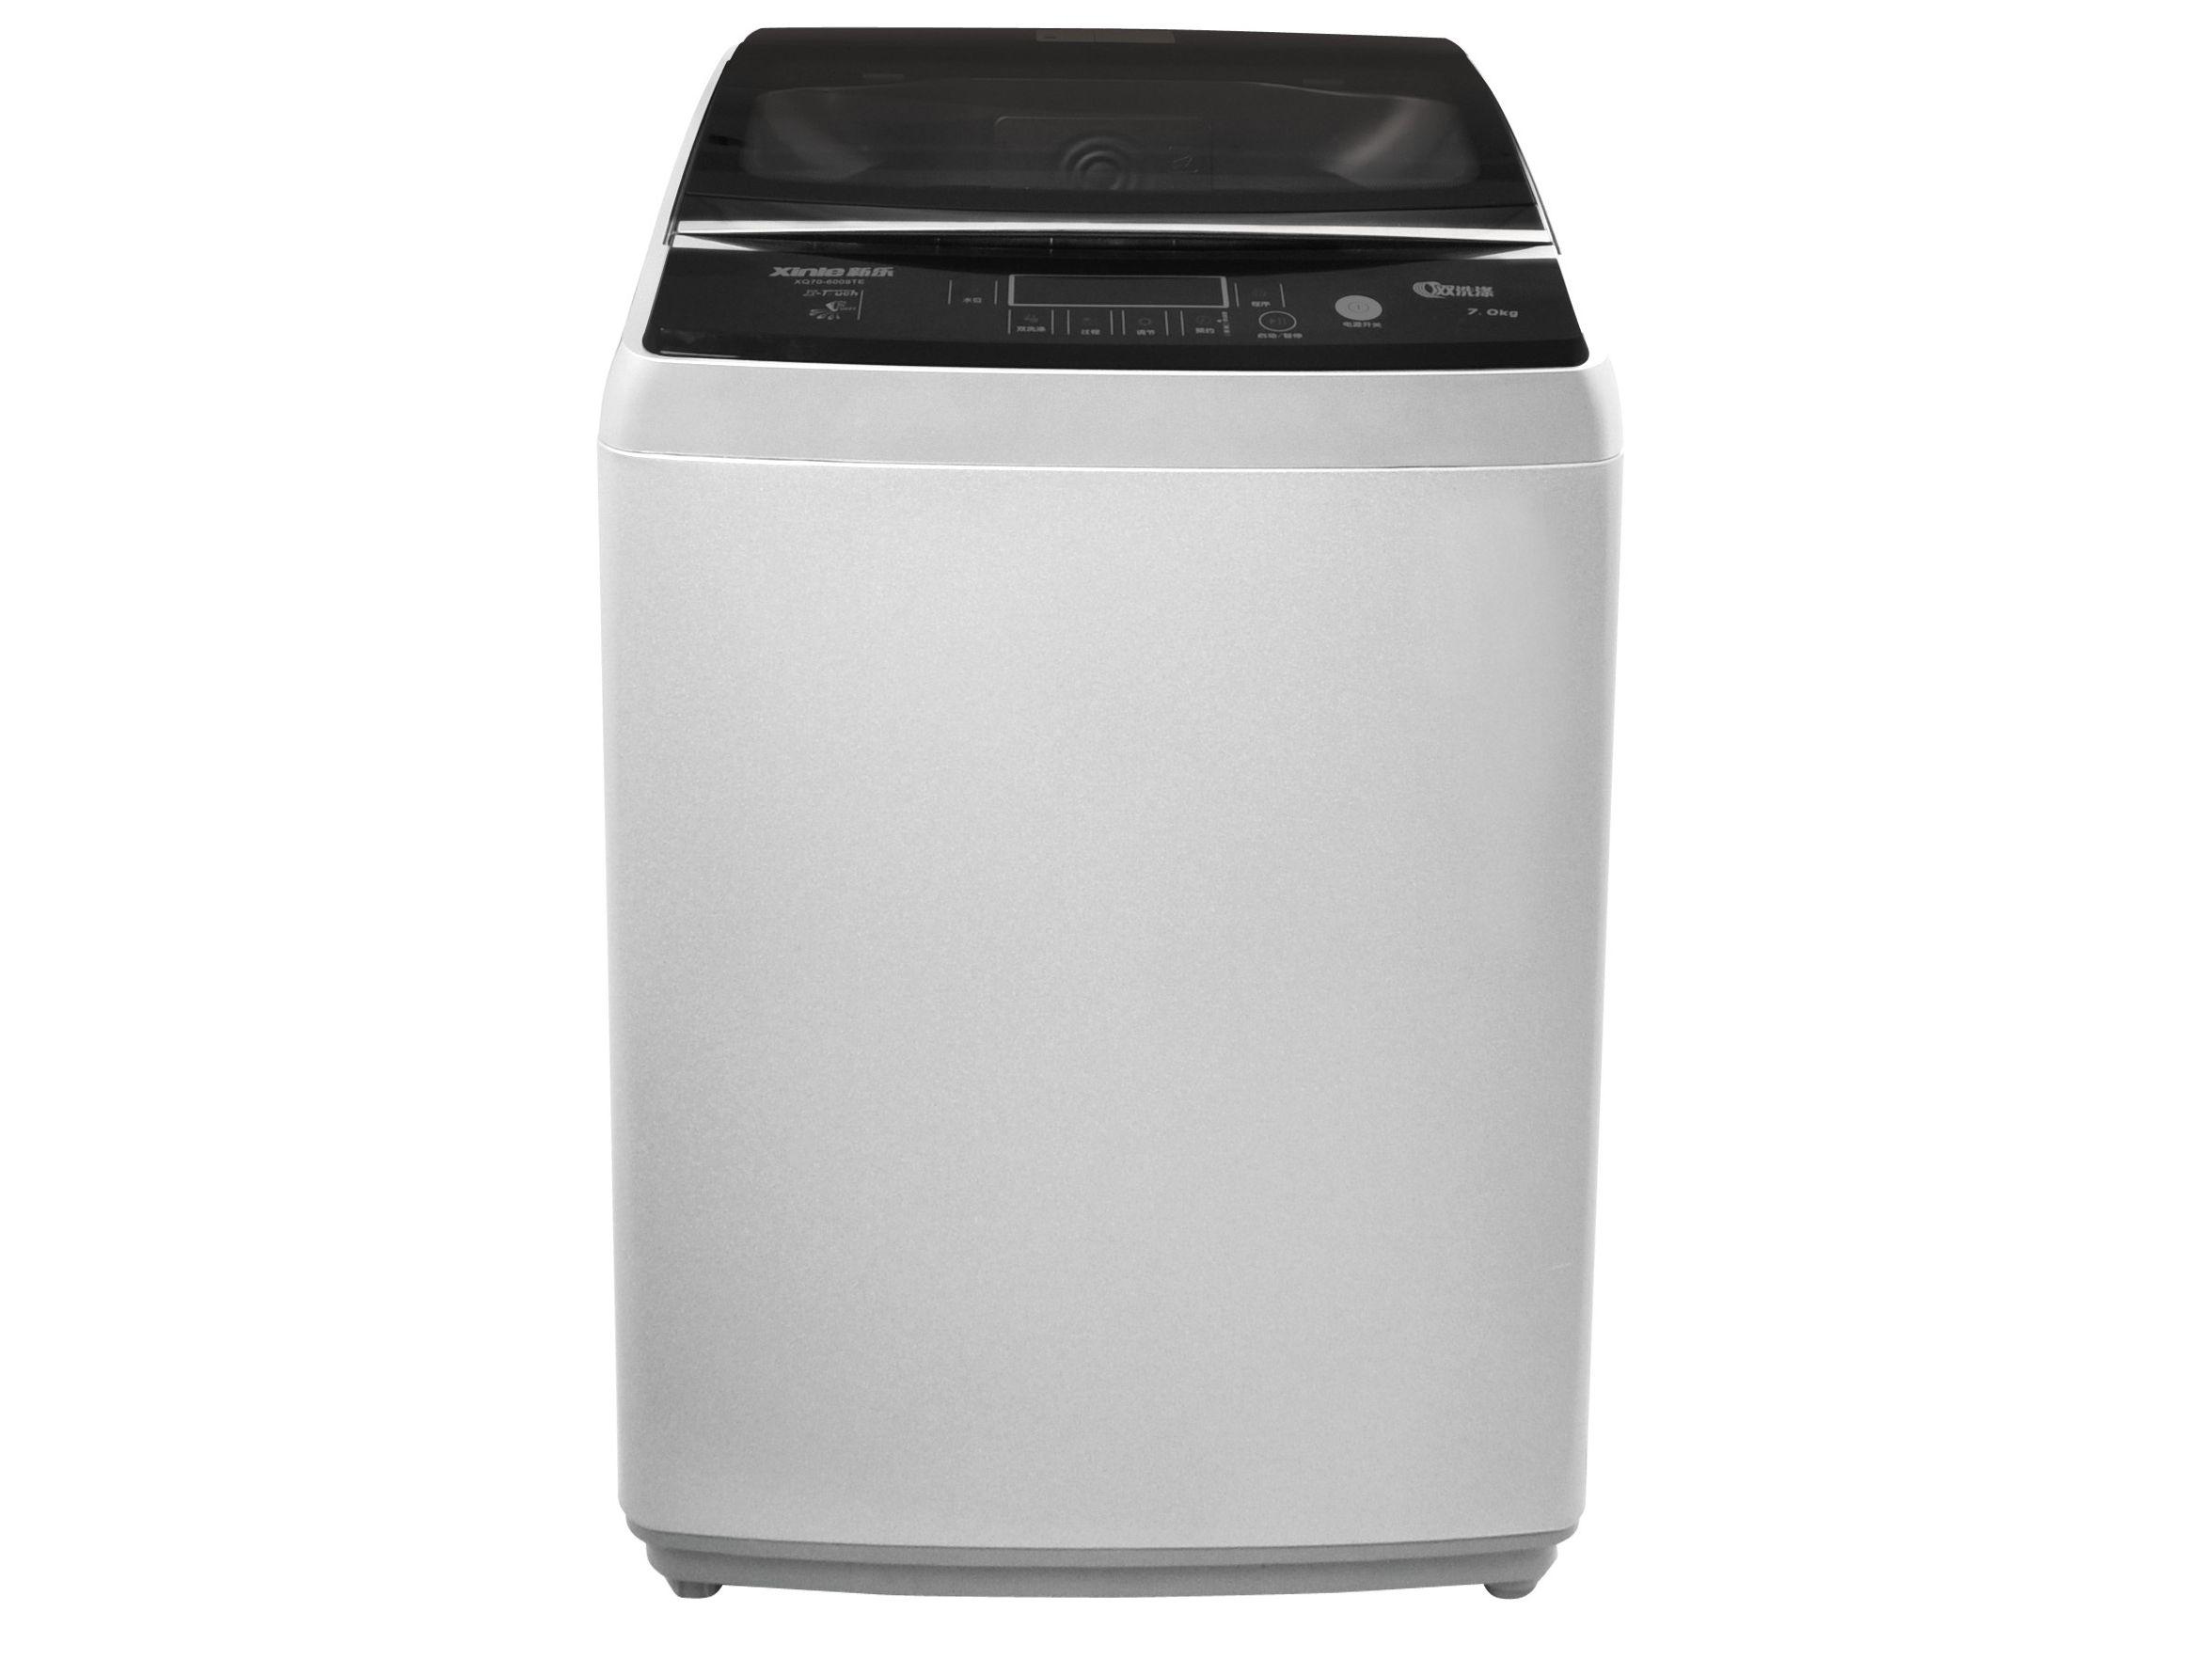 洗衣机销量下滑,行业或正处于分化之中